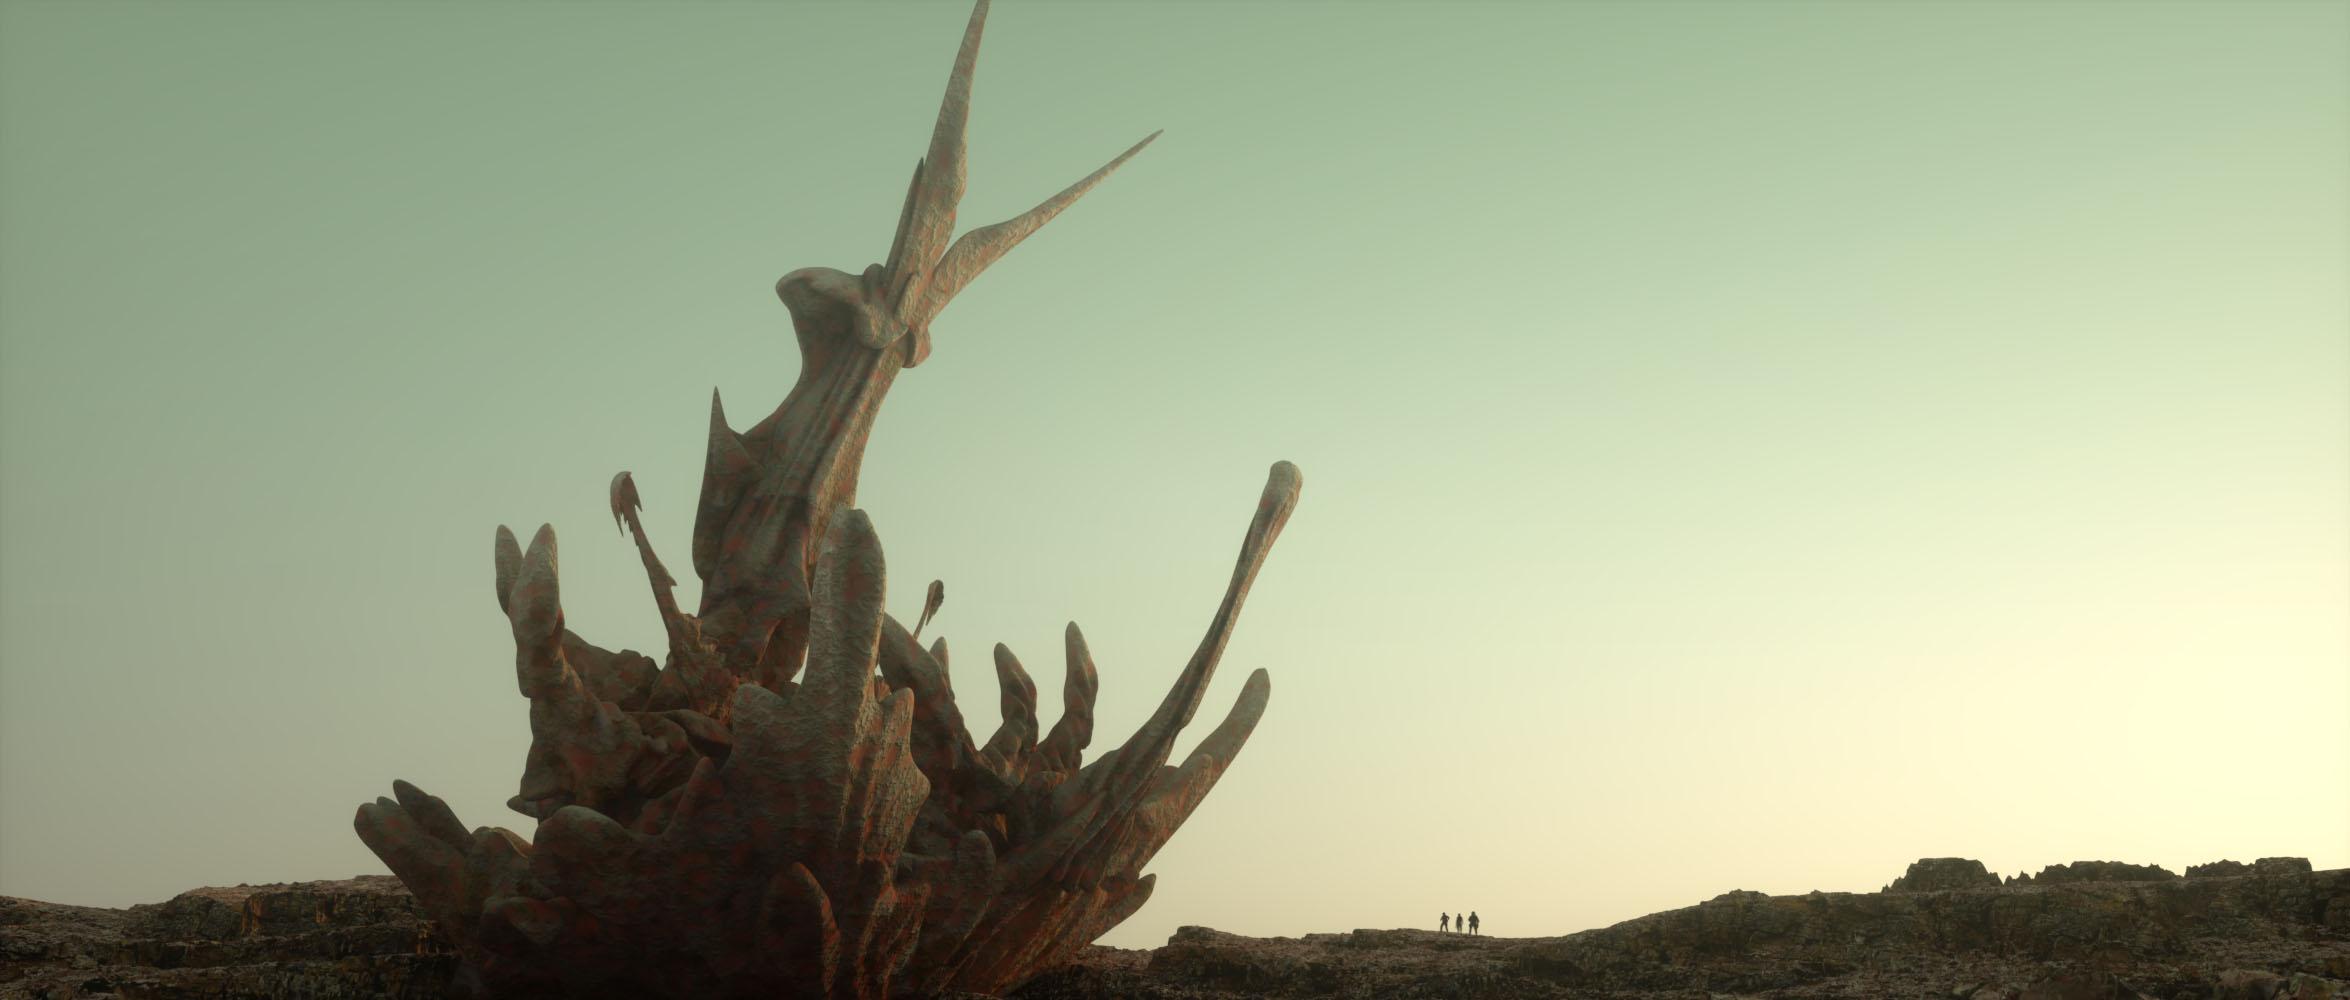 180816 Alien Fungus1.jpg